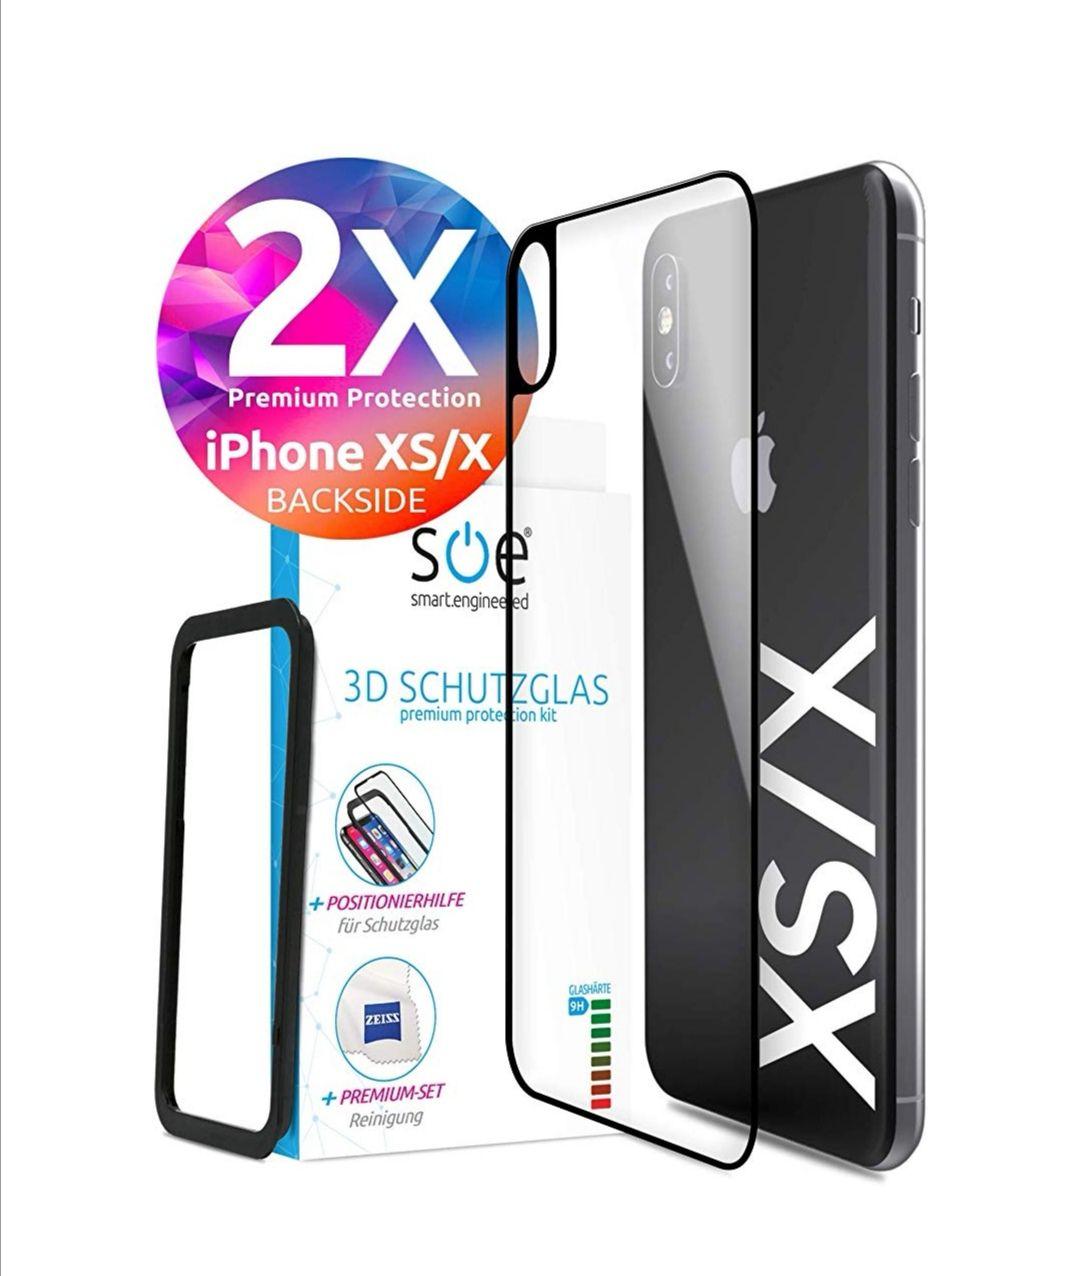 [2 Stück] 3D 9H Panzerglas Rückseite in schwarz kompatibel mit iPhone X und iPhone XS